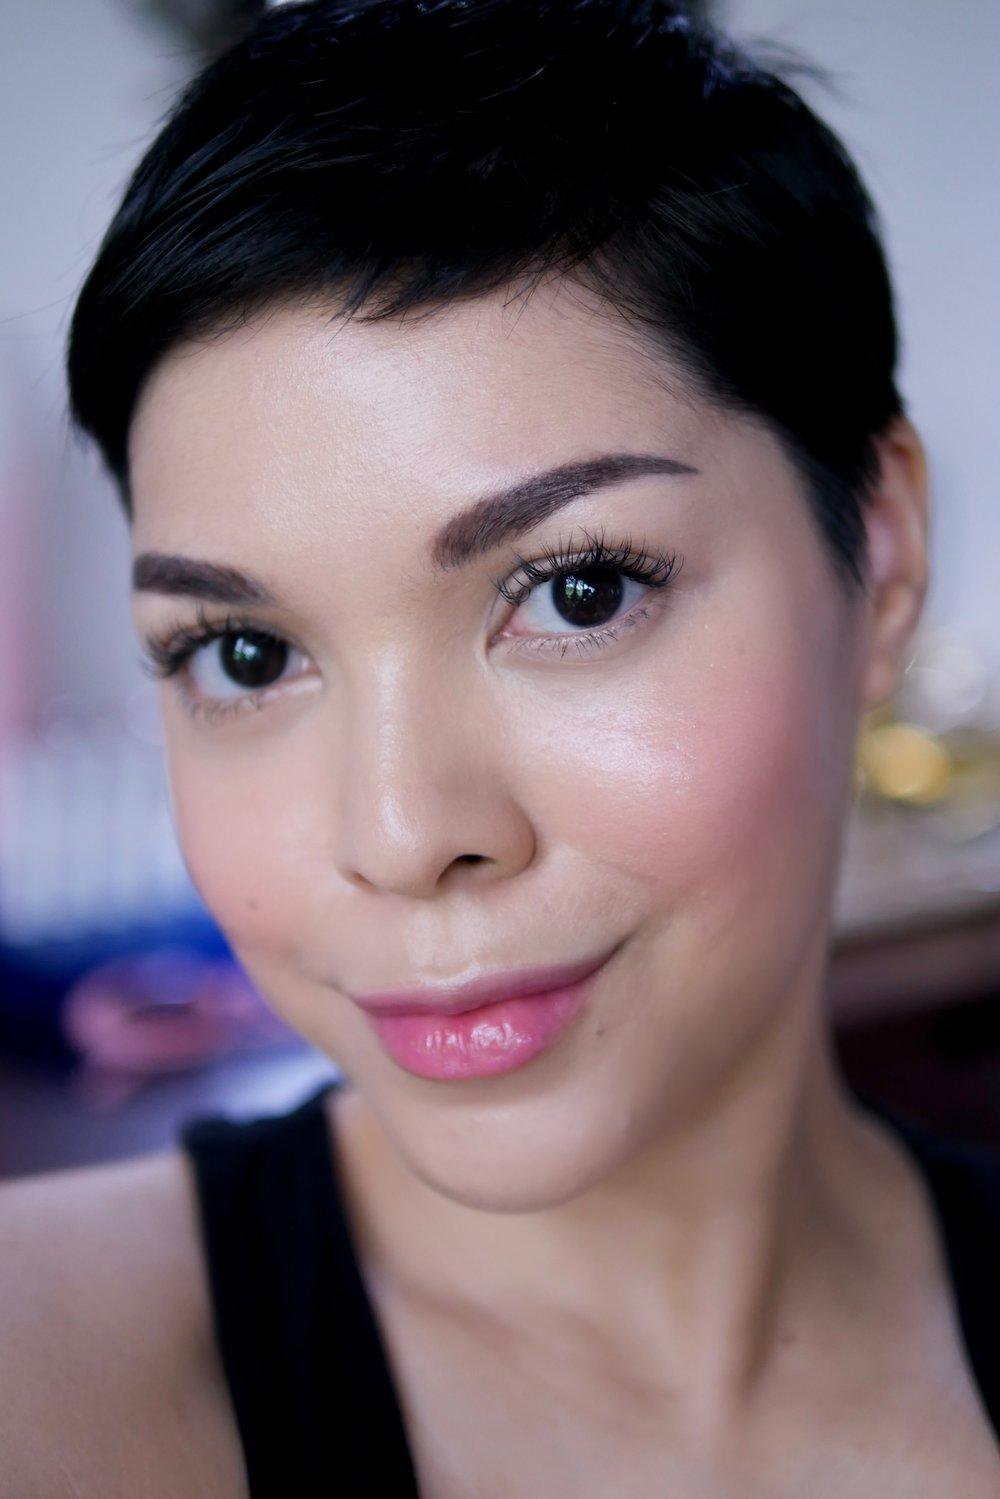 Menggunakan  Colour Adapt Lip & Cheek Sheer  shade  Blossom  pada pipi dan bibir.